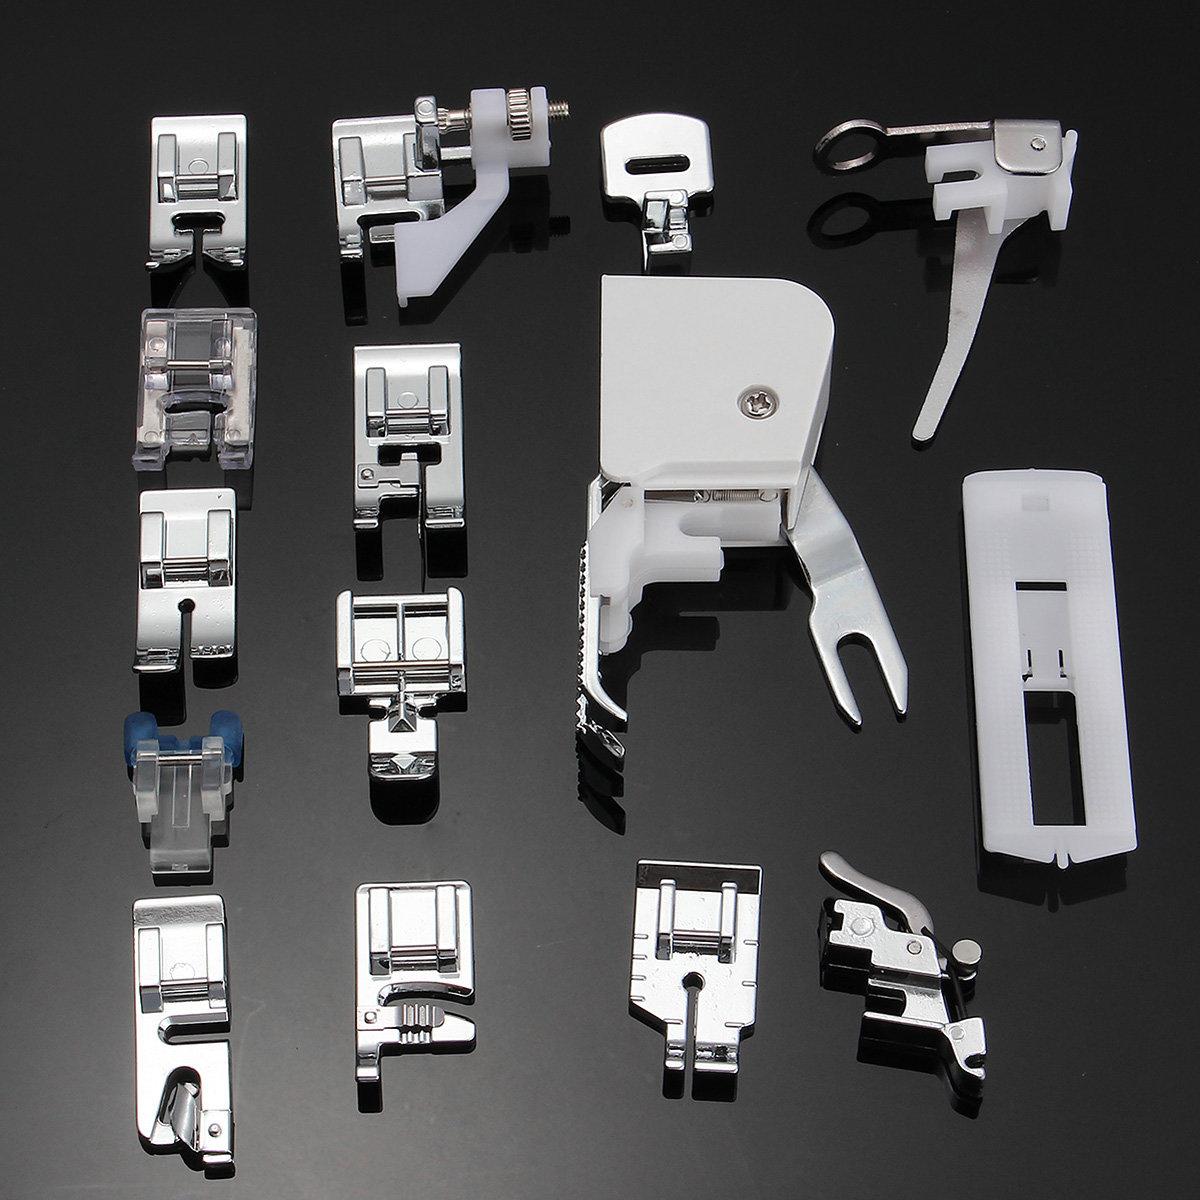 15 PCS/Set Low Shank Sewing Machine Presser Feet Set Walking Foot Kit